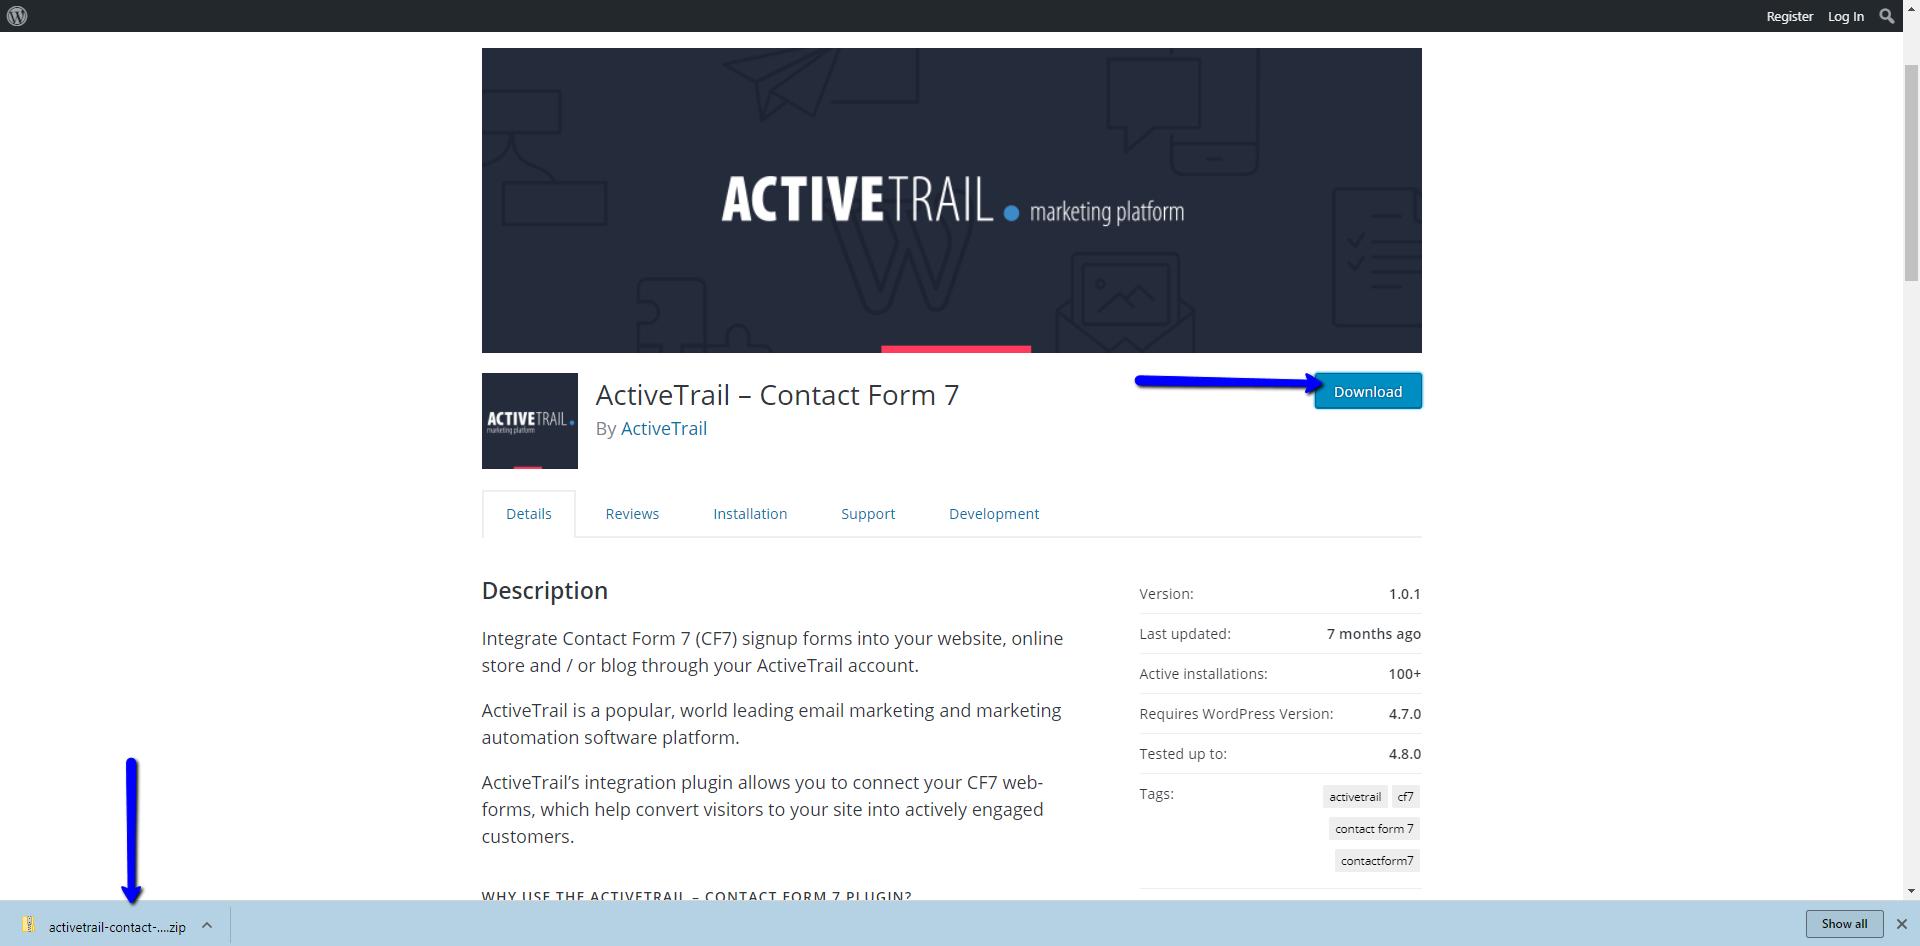 הורדת תוסף אקטיב טרייל contact form 7